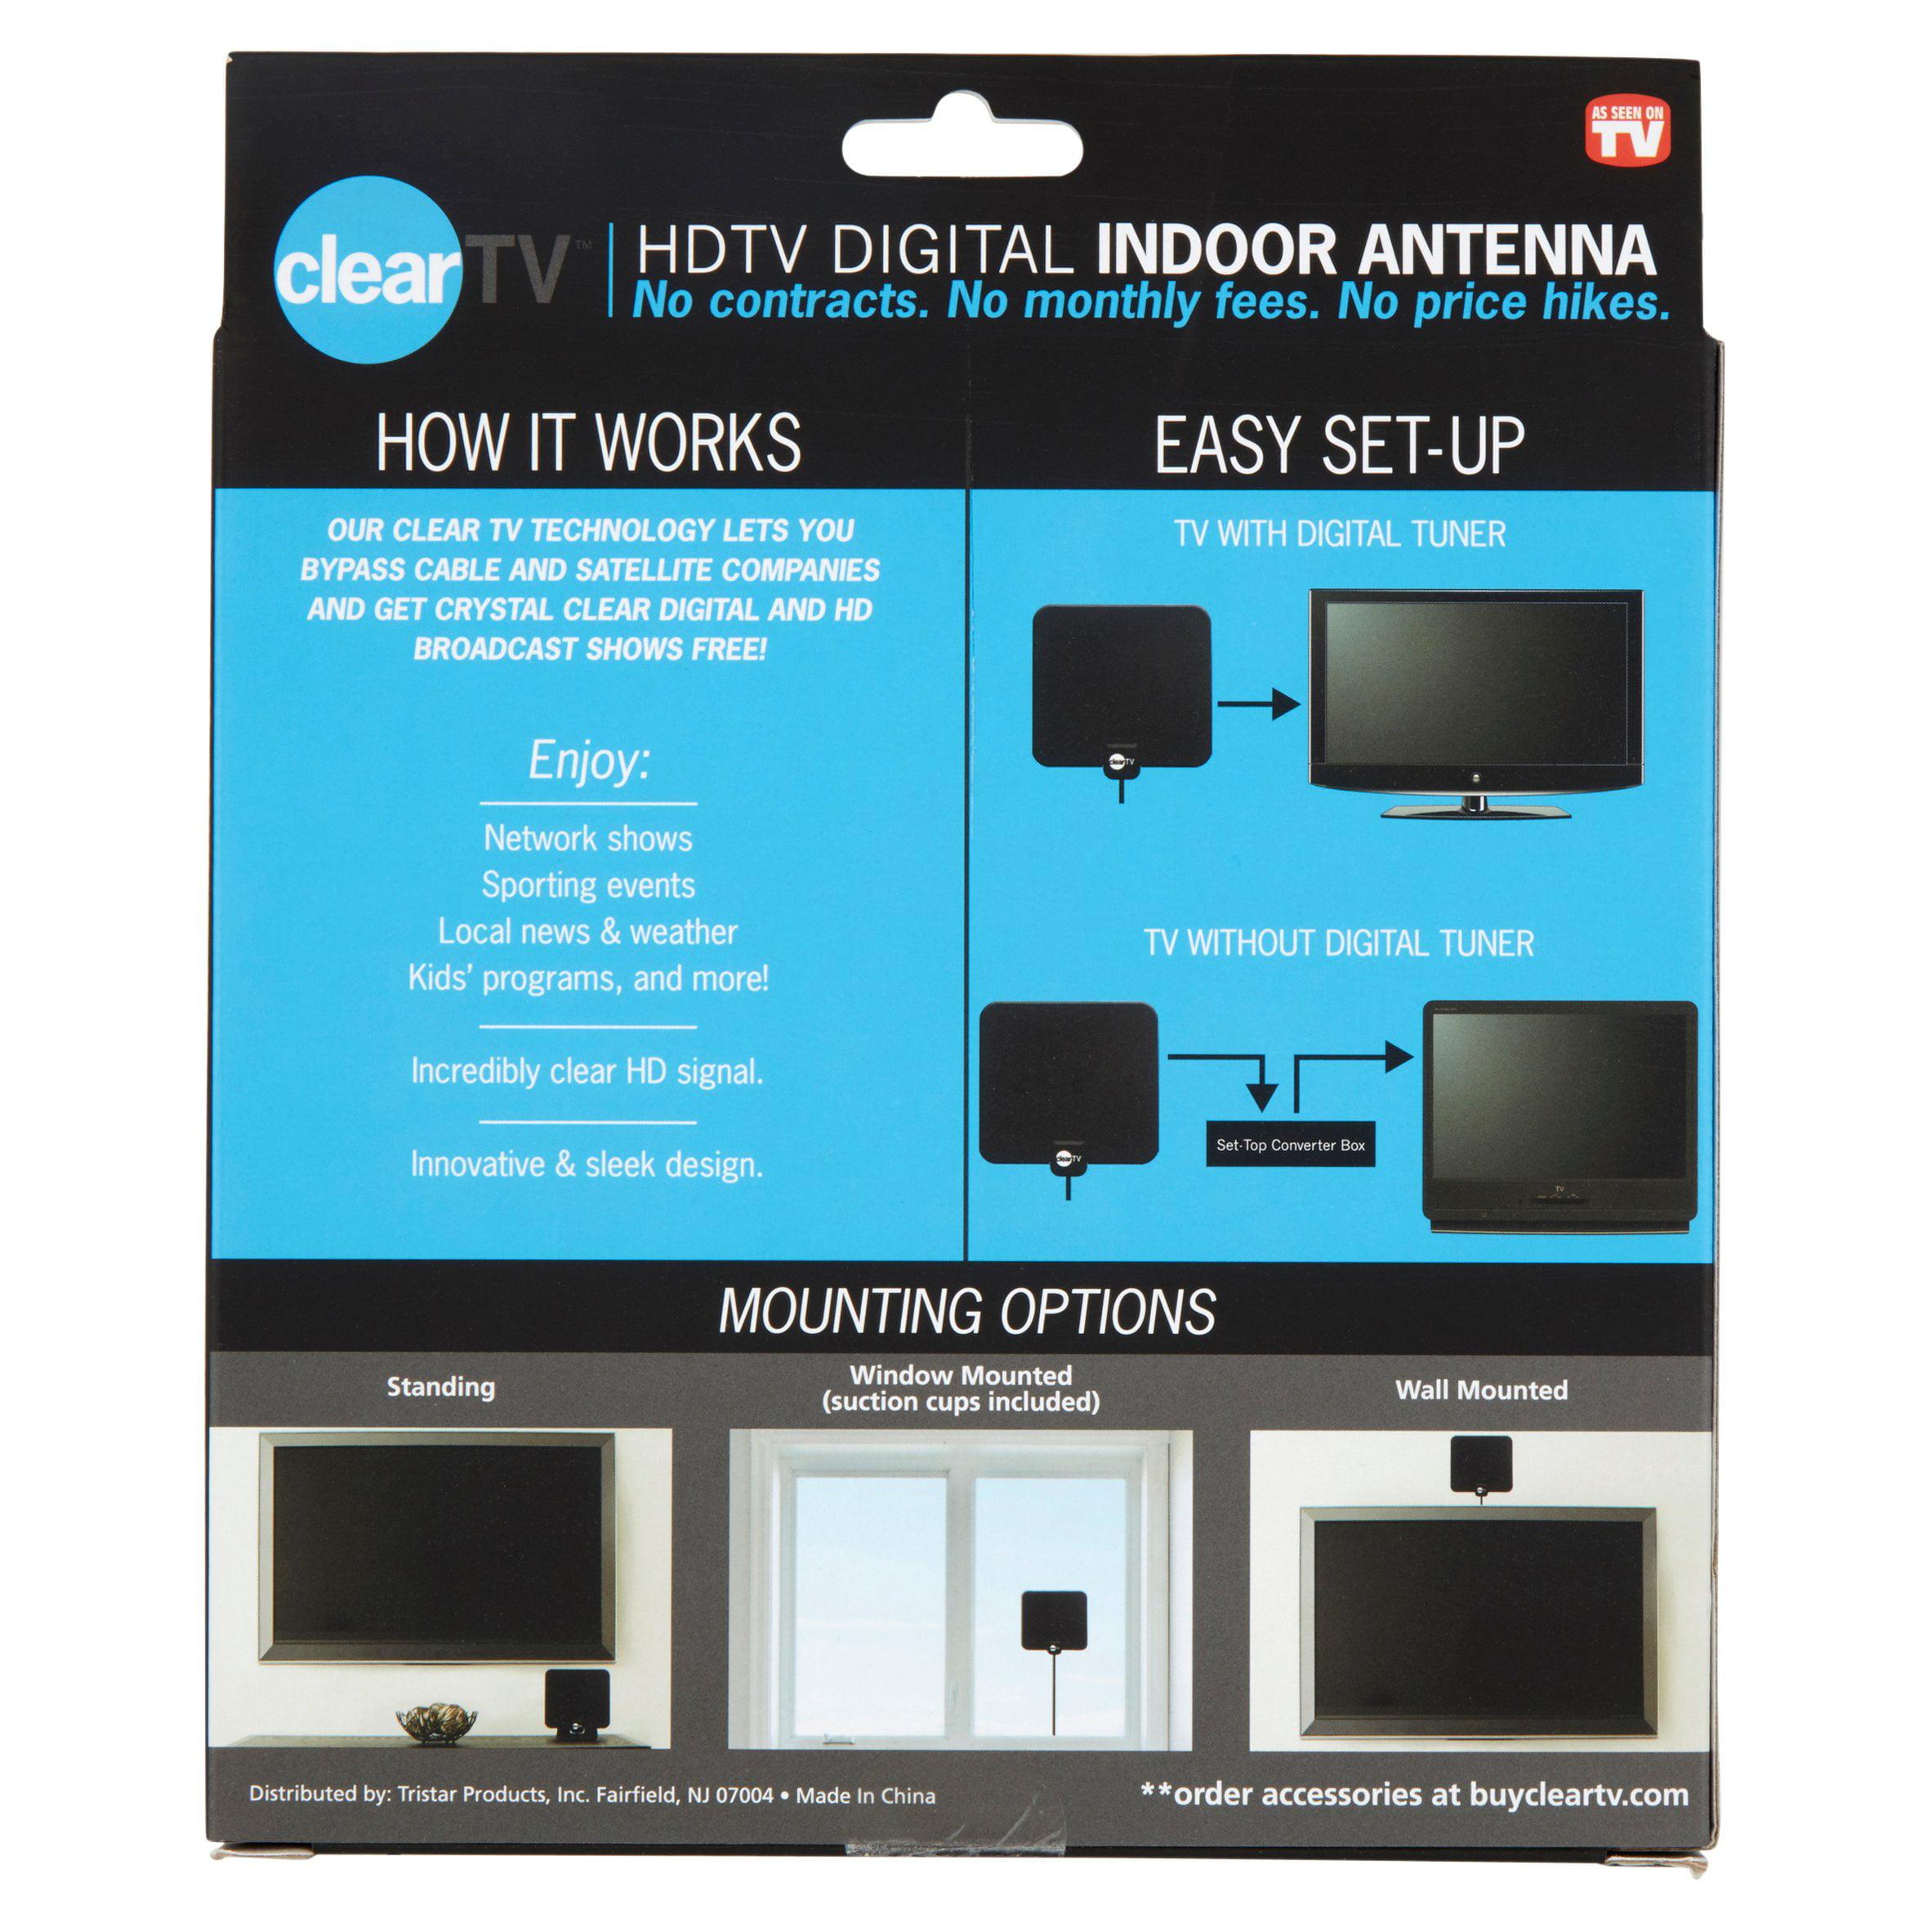 HDTV Digital Indoor Antenna, Broadcast Network TV in HD - Walmart.com